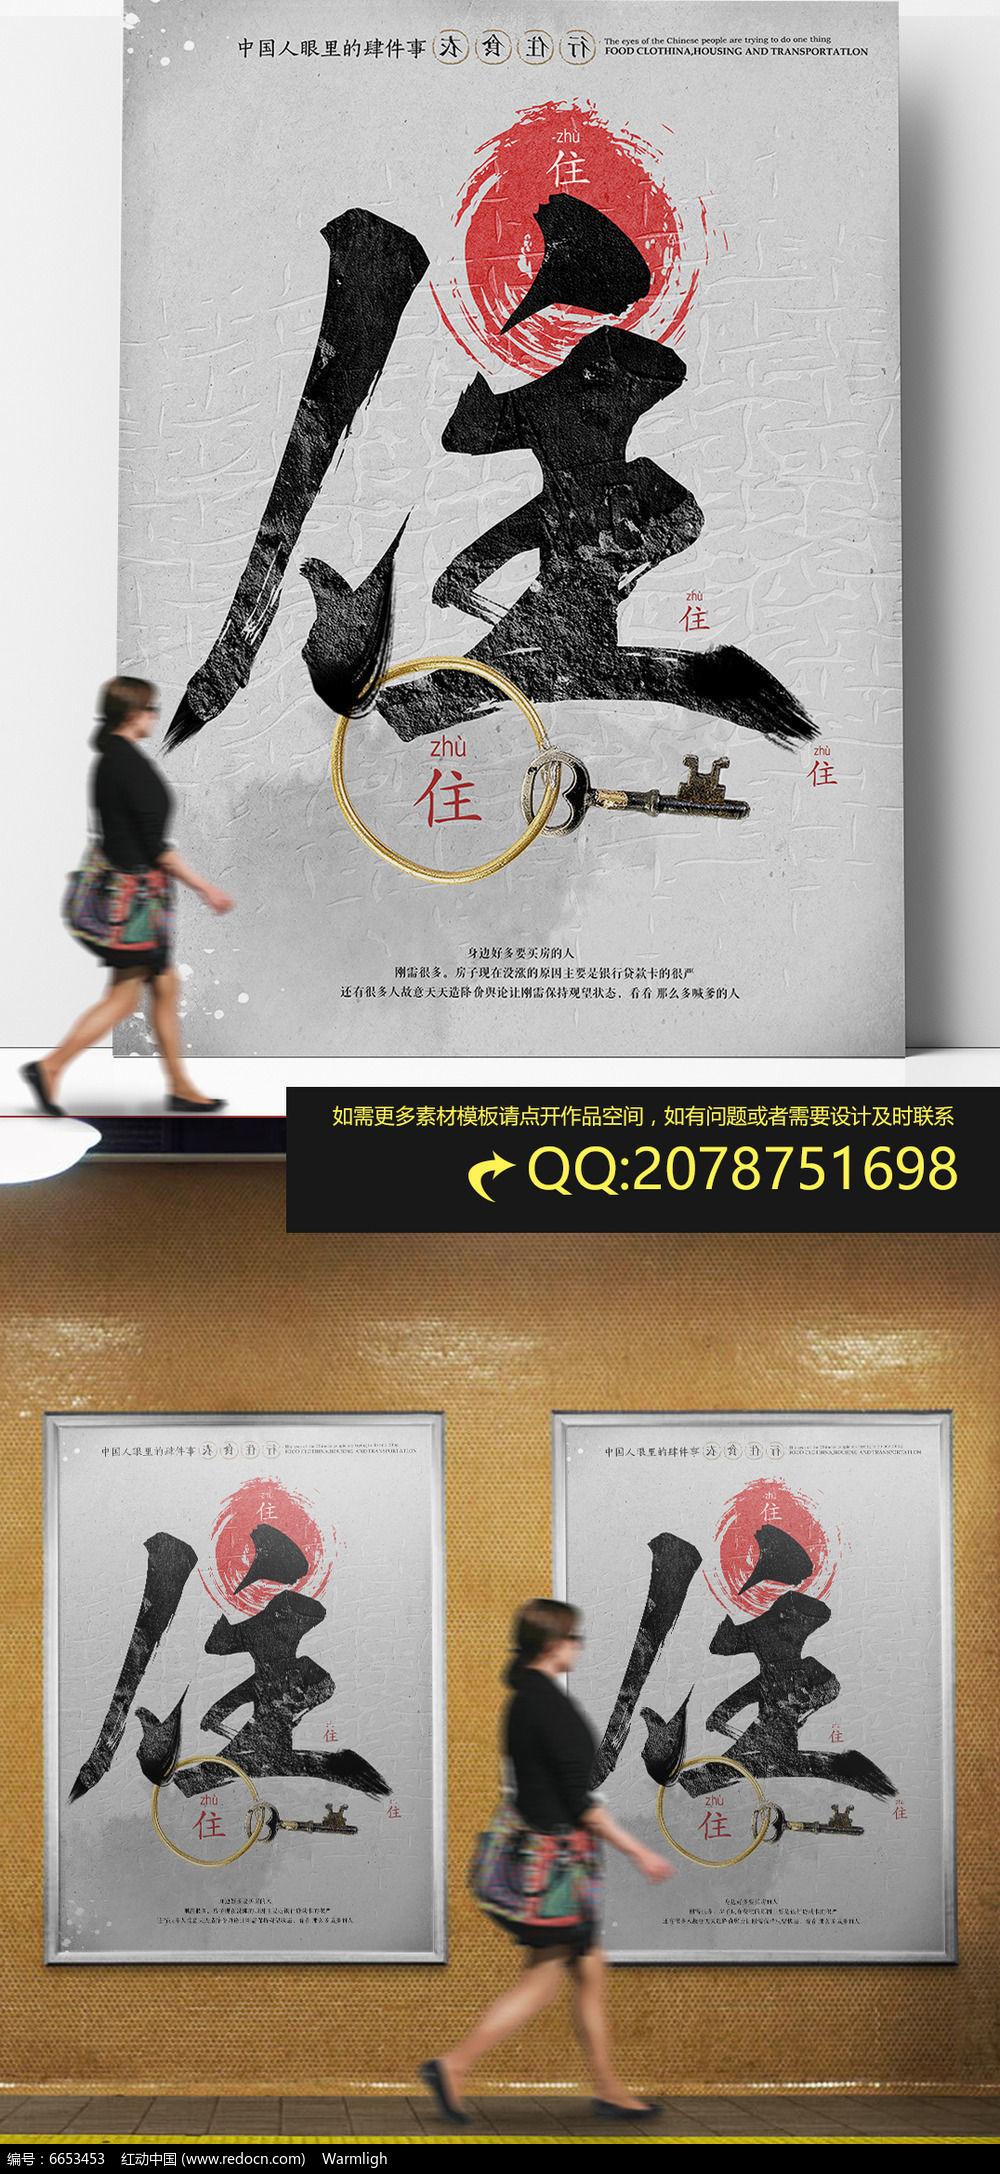 中国风衣食住行创意传统文化之住海报PSD素材下载 编号6653453 红